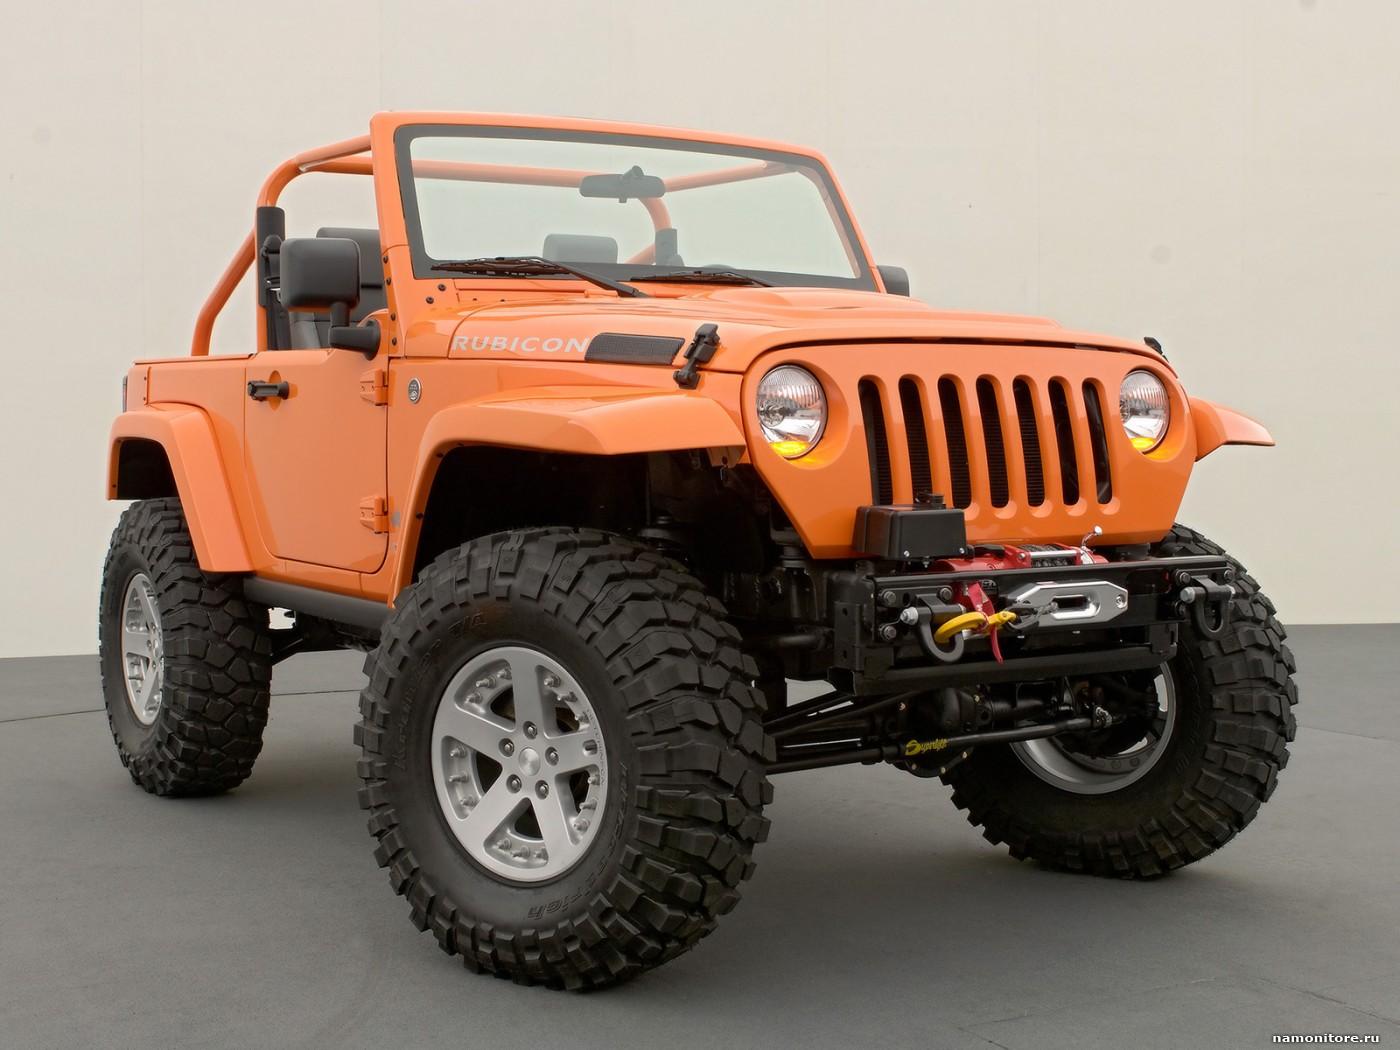 Orange clipart jeep Jeep King cars Wrangler Wrangler